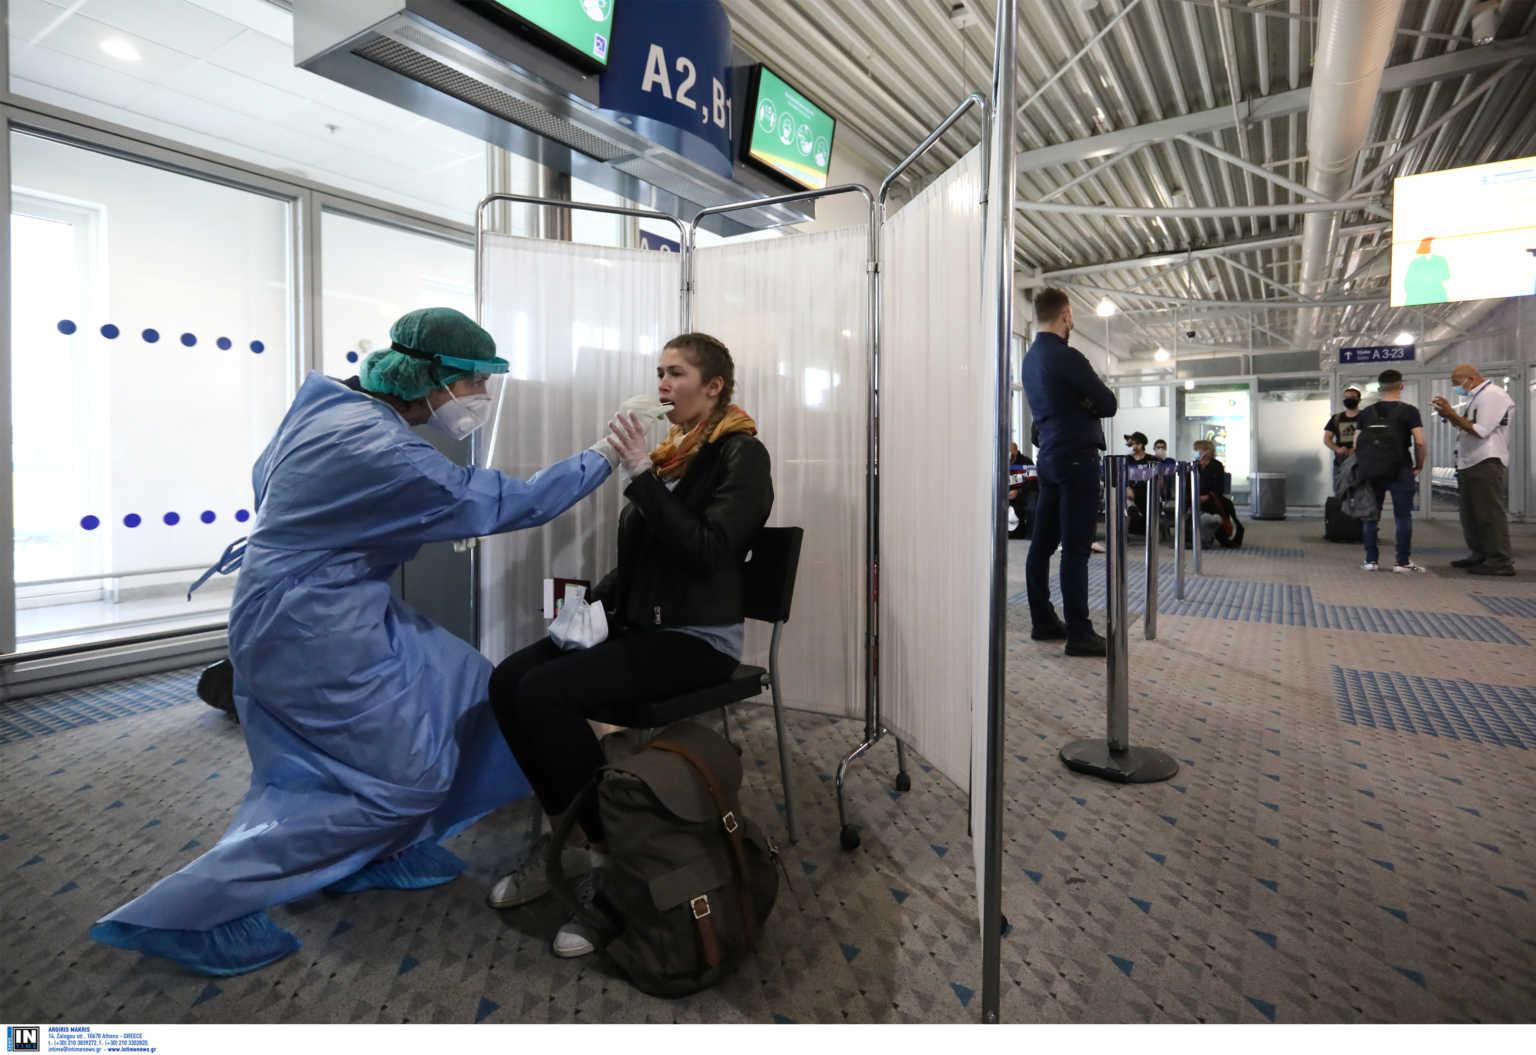 Κορονοϊός: Σε καραντίνα 10 ημερών θα υποβάλλονται οι επίσκεπτες από Μεγάλη Βρετανία